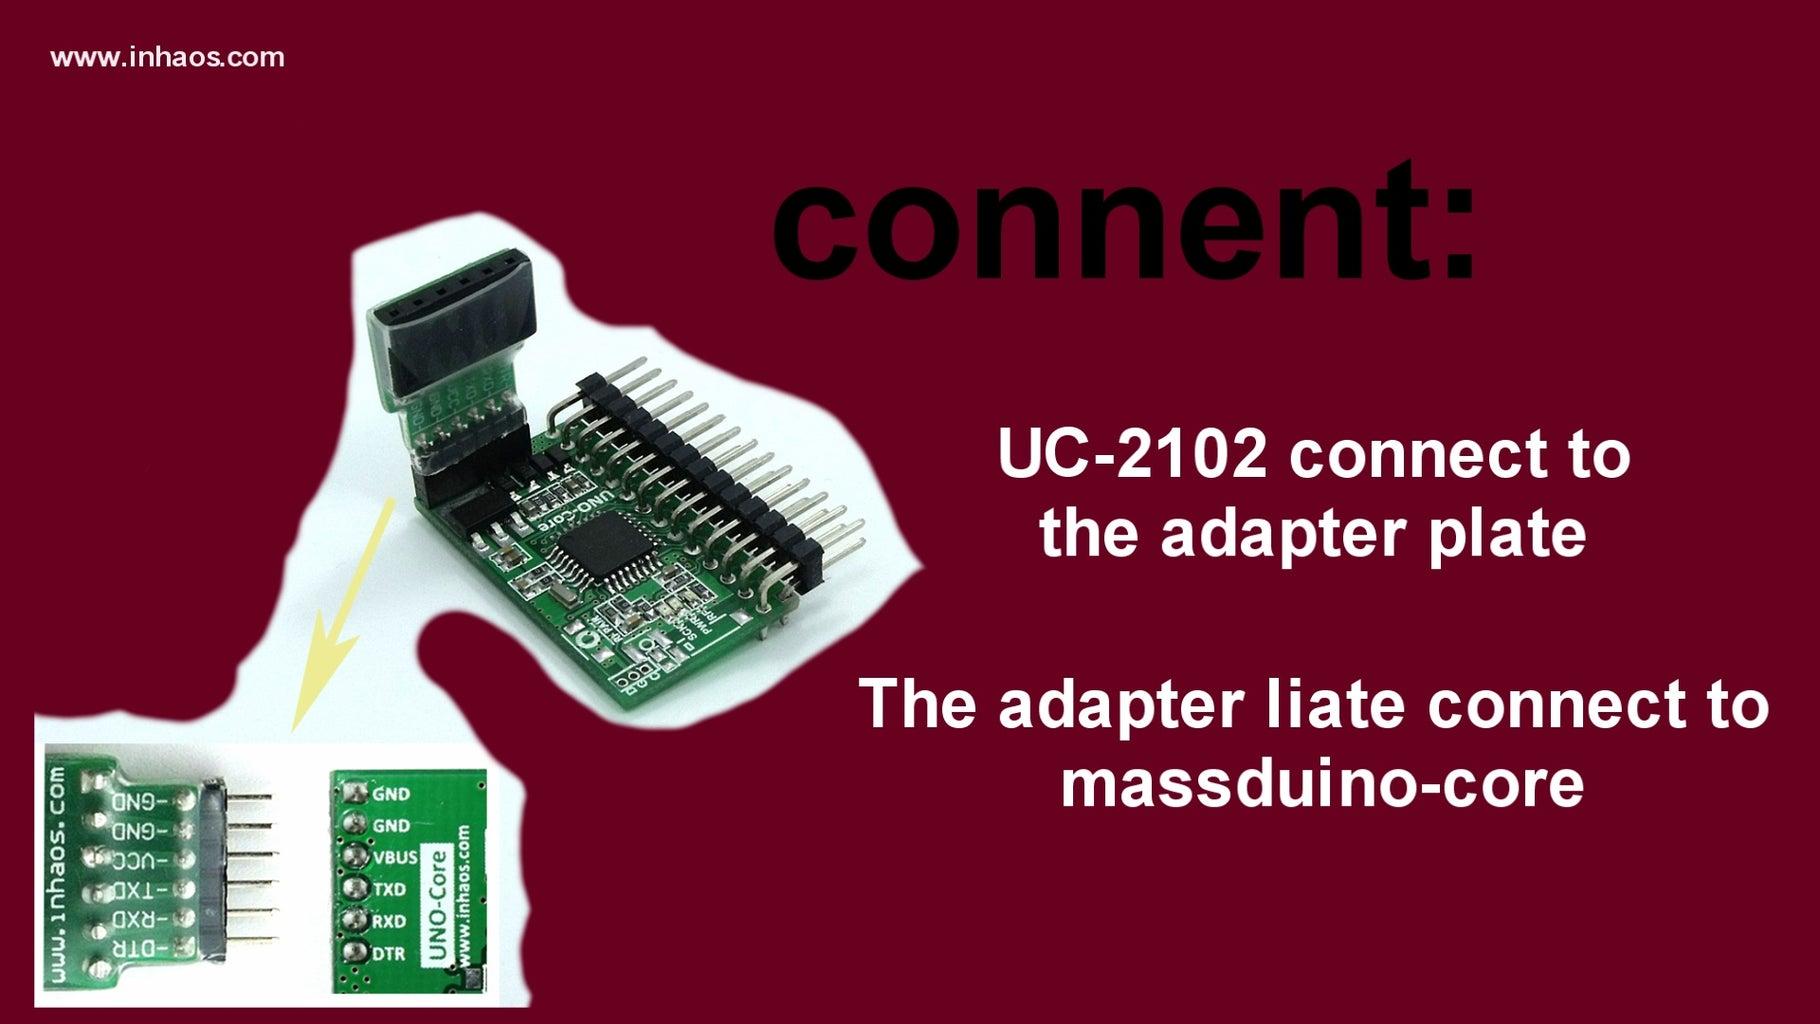 The Massduino-uno-core